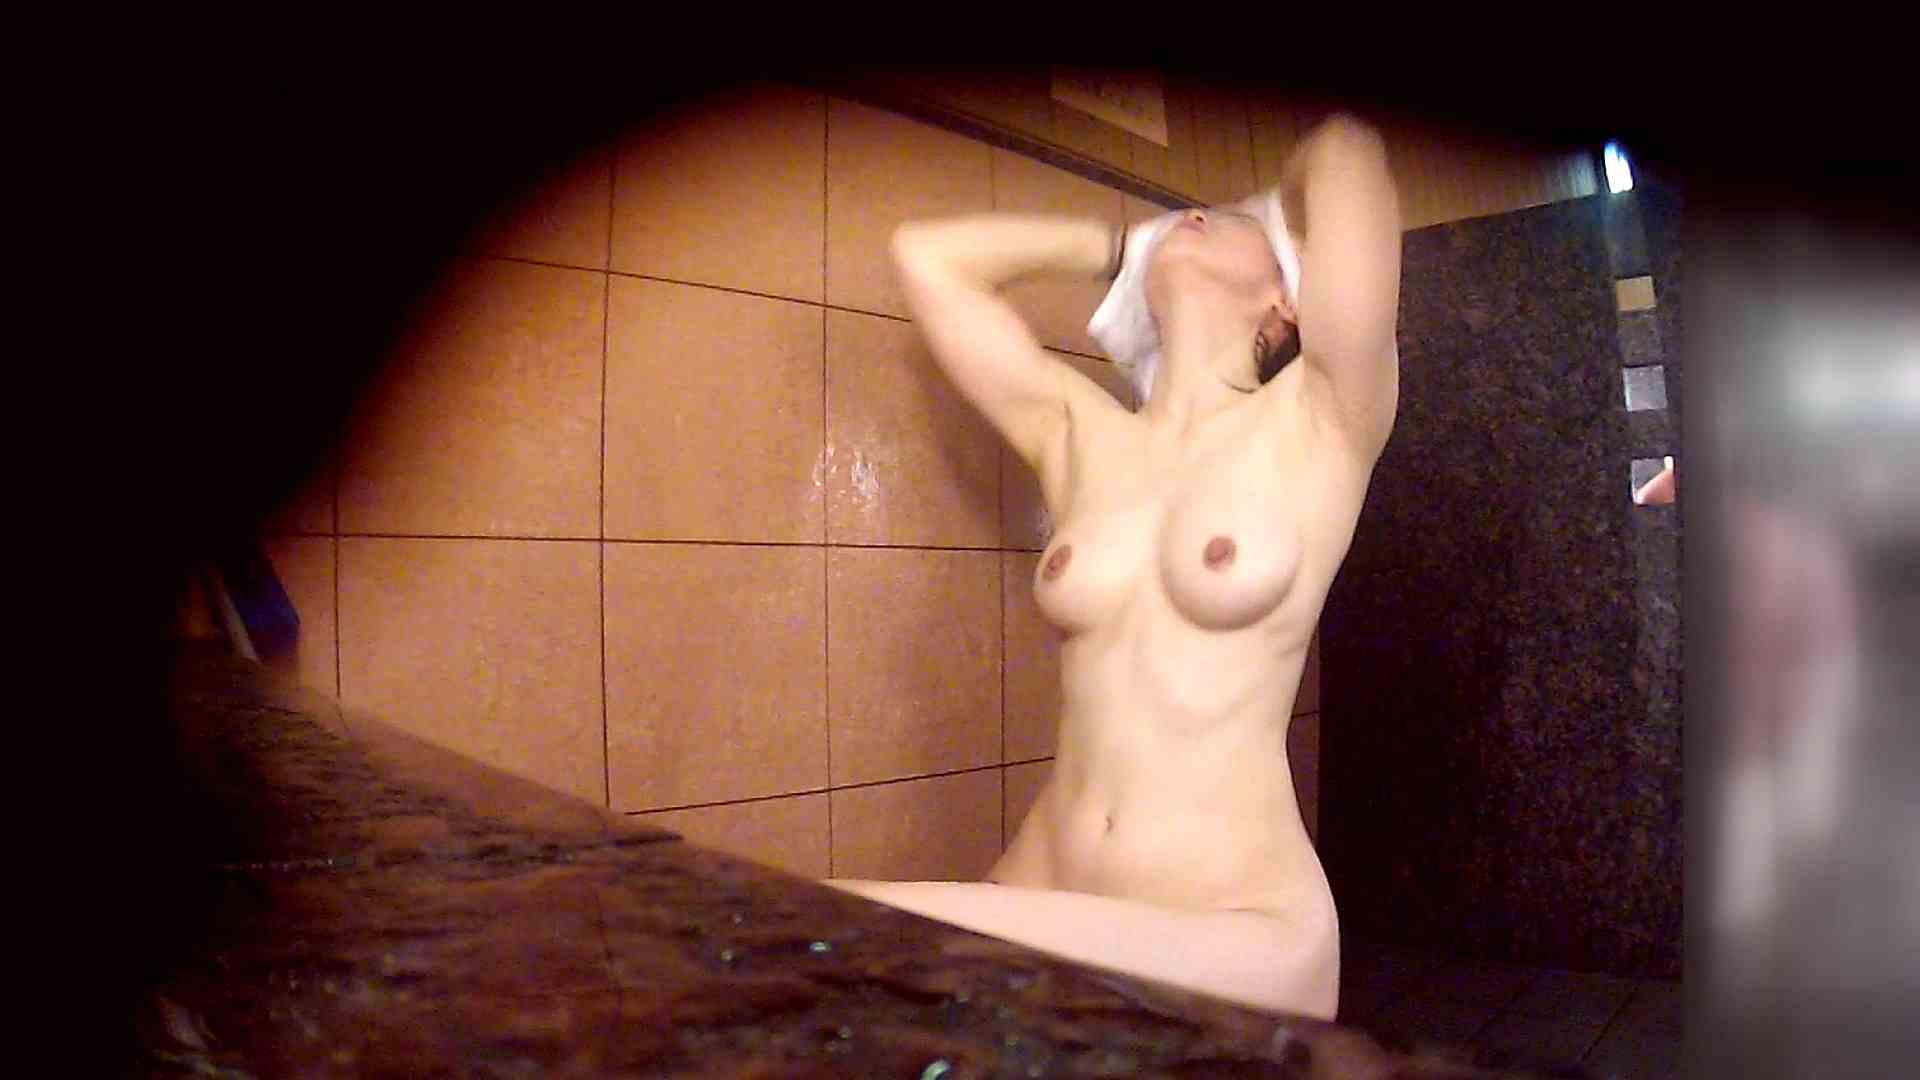 洗い場!マッスルお嬢さん!でもオッパイだけは柔らかそうです。 銭湯   潜入エロ調査  53連発 13